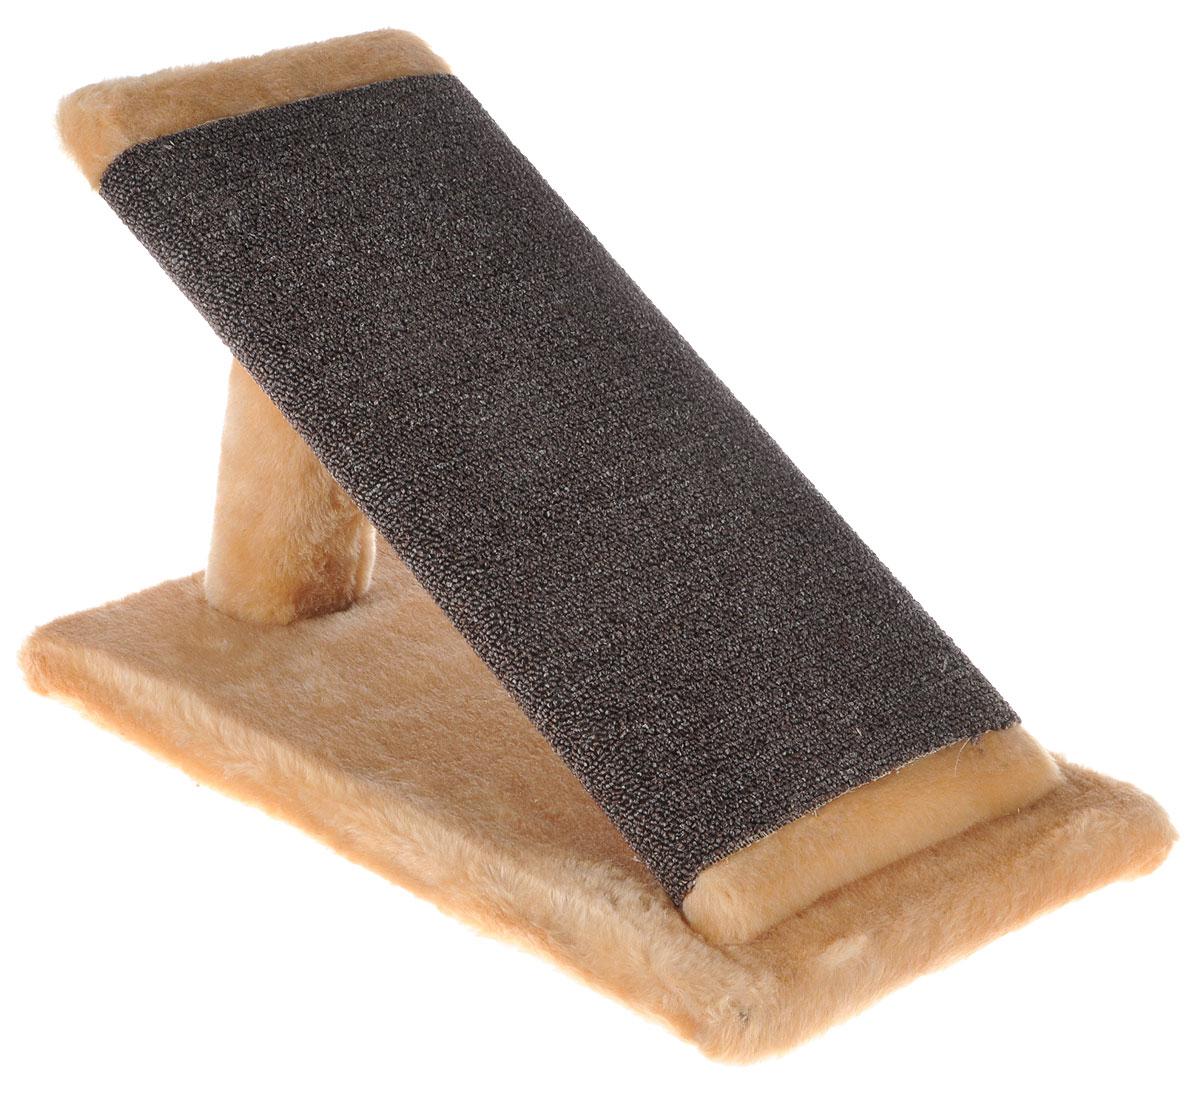 Когтеточка для котят Меридиан Горка, цвет: светло-коричневый, коричневый, 45 х 25 х 25 смК103К СККогтеточка Меридиан Горка предназначена для стачивания когтей вашего котенка и предотвращения их врастания. Она выполнена из ДВП, ДСП и искусственного меха. Точатся когти о накладку из ковролина. Когтеточка позволяет сохранить неповрежденными мебель и другие предметы интерьера.